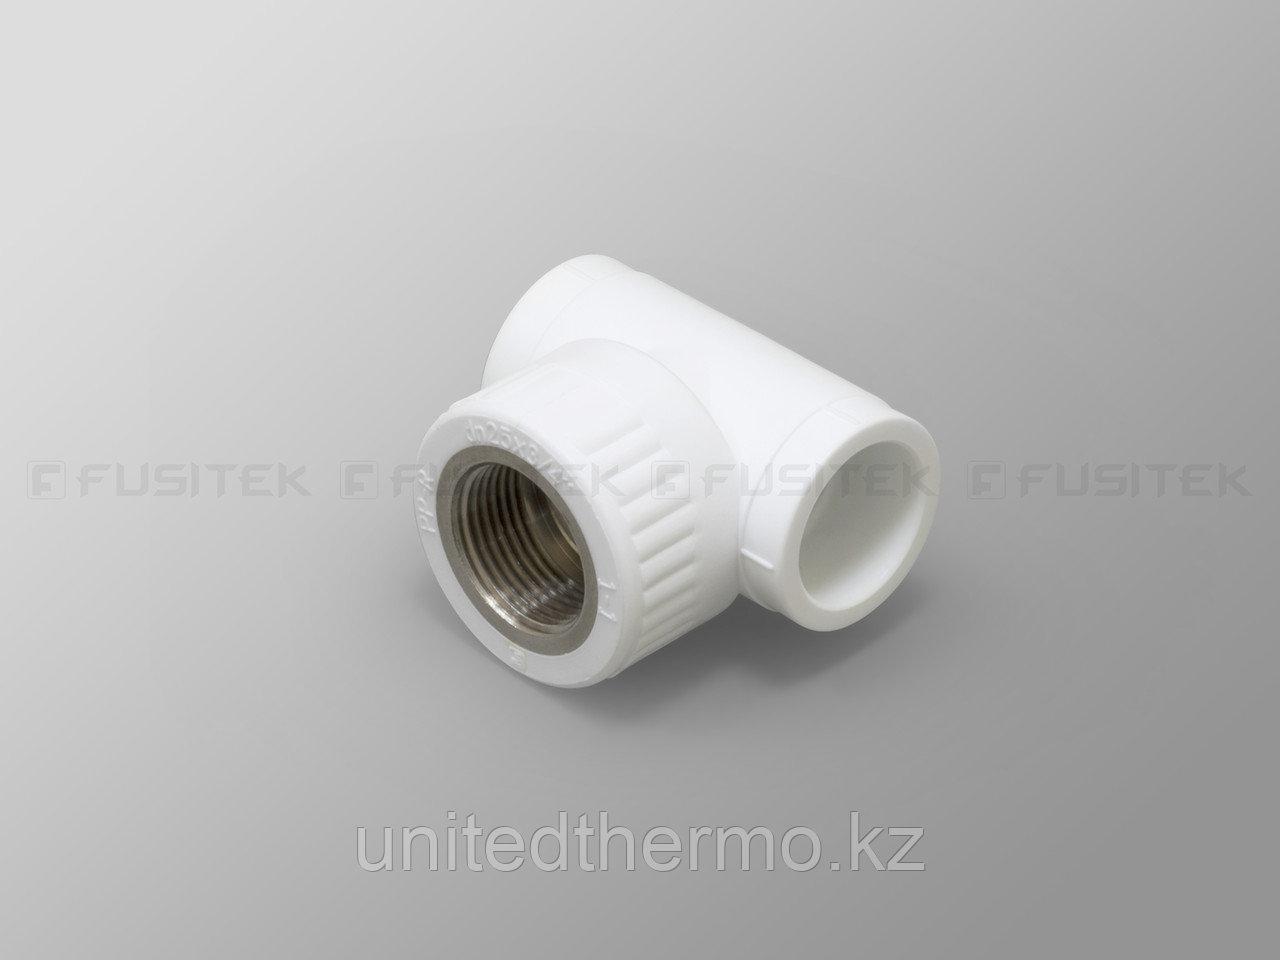 Тройник комбинированный ВР 20Х3/4 Fusitek